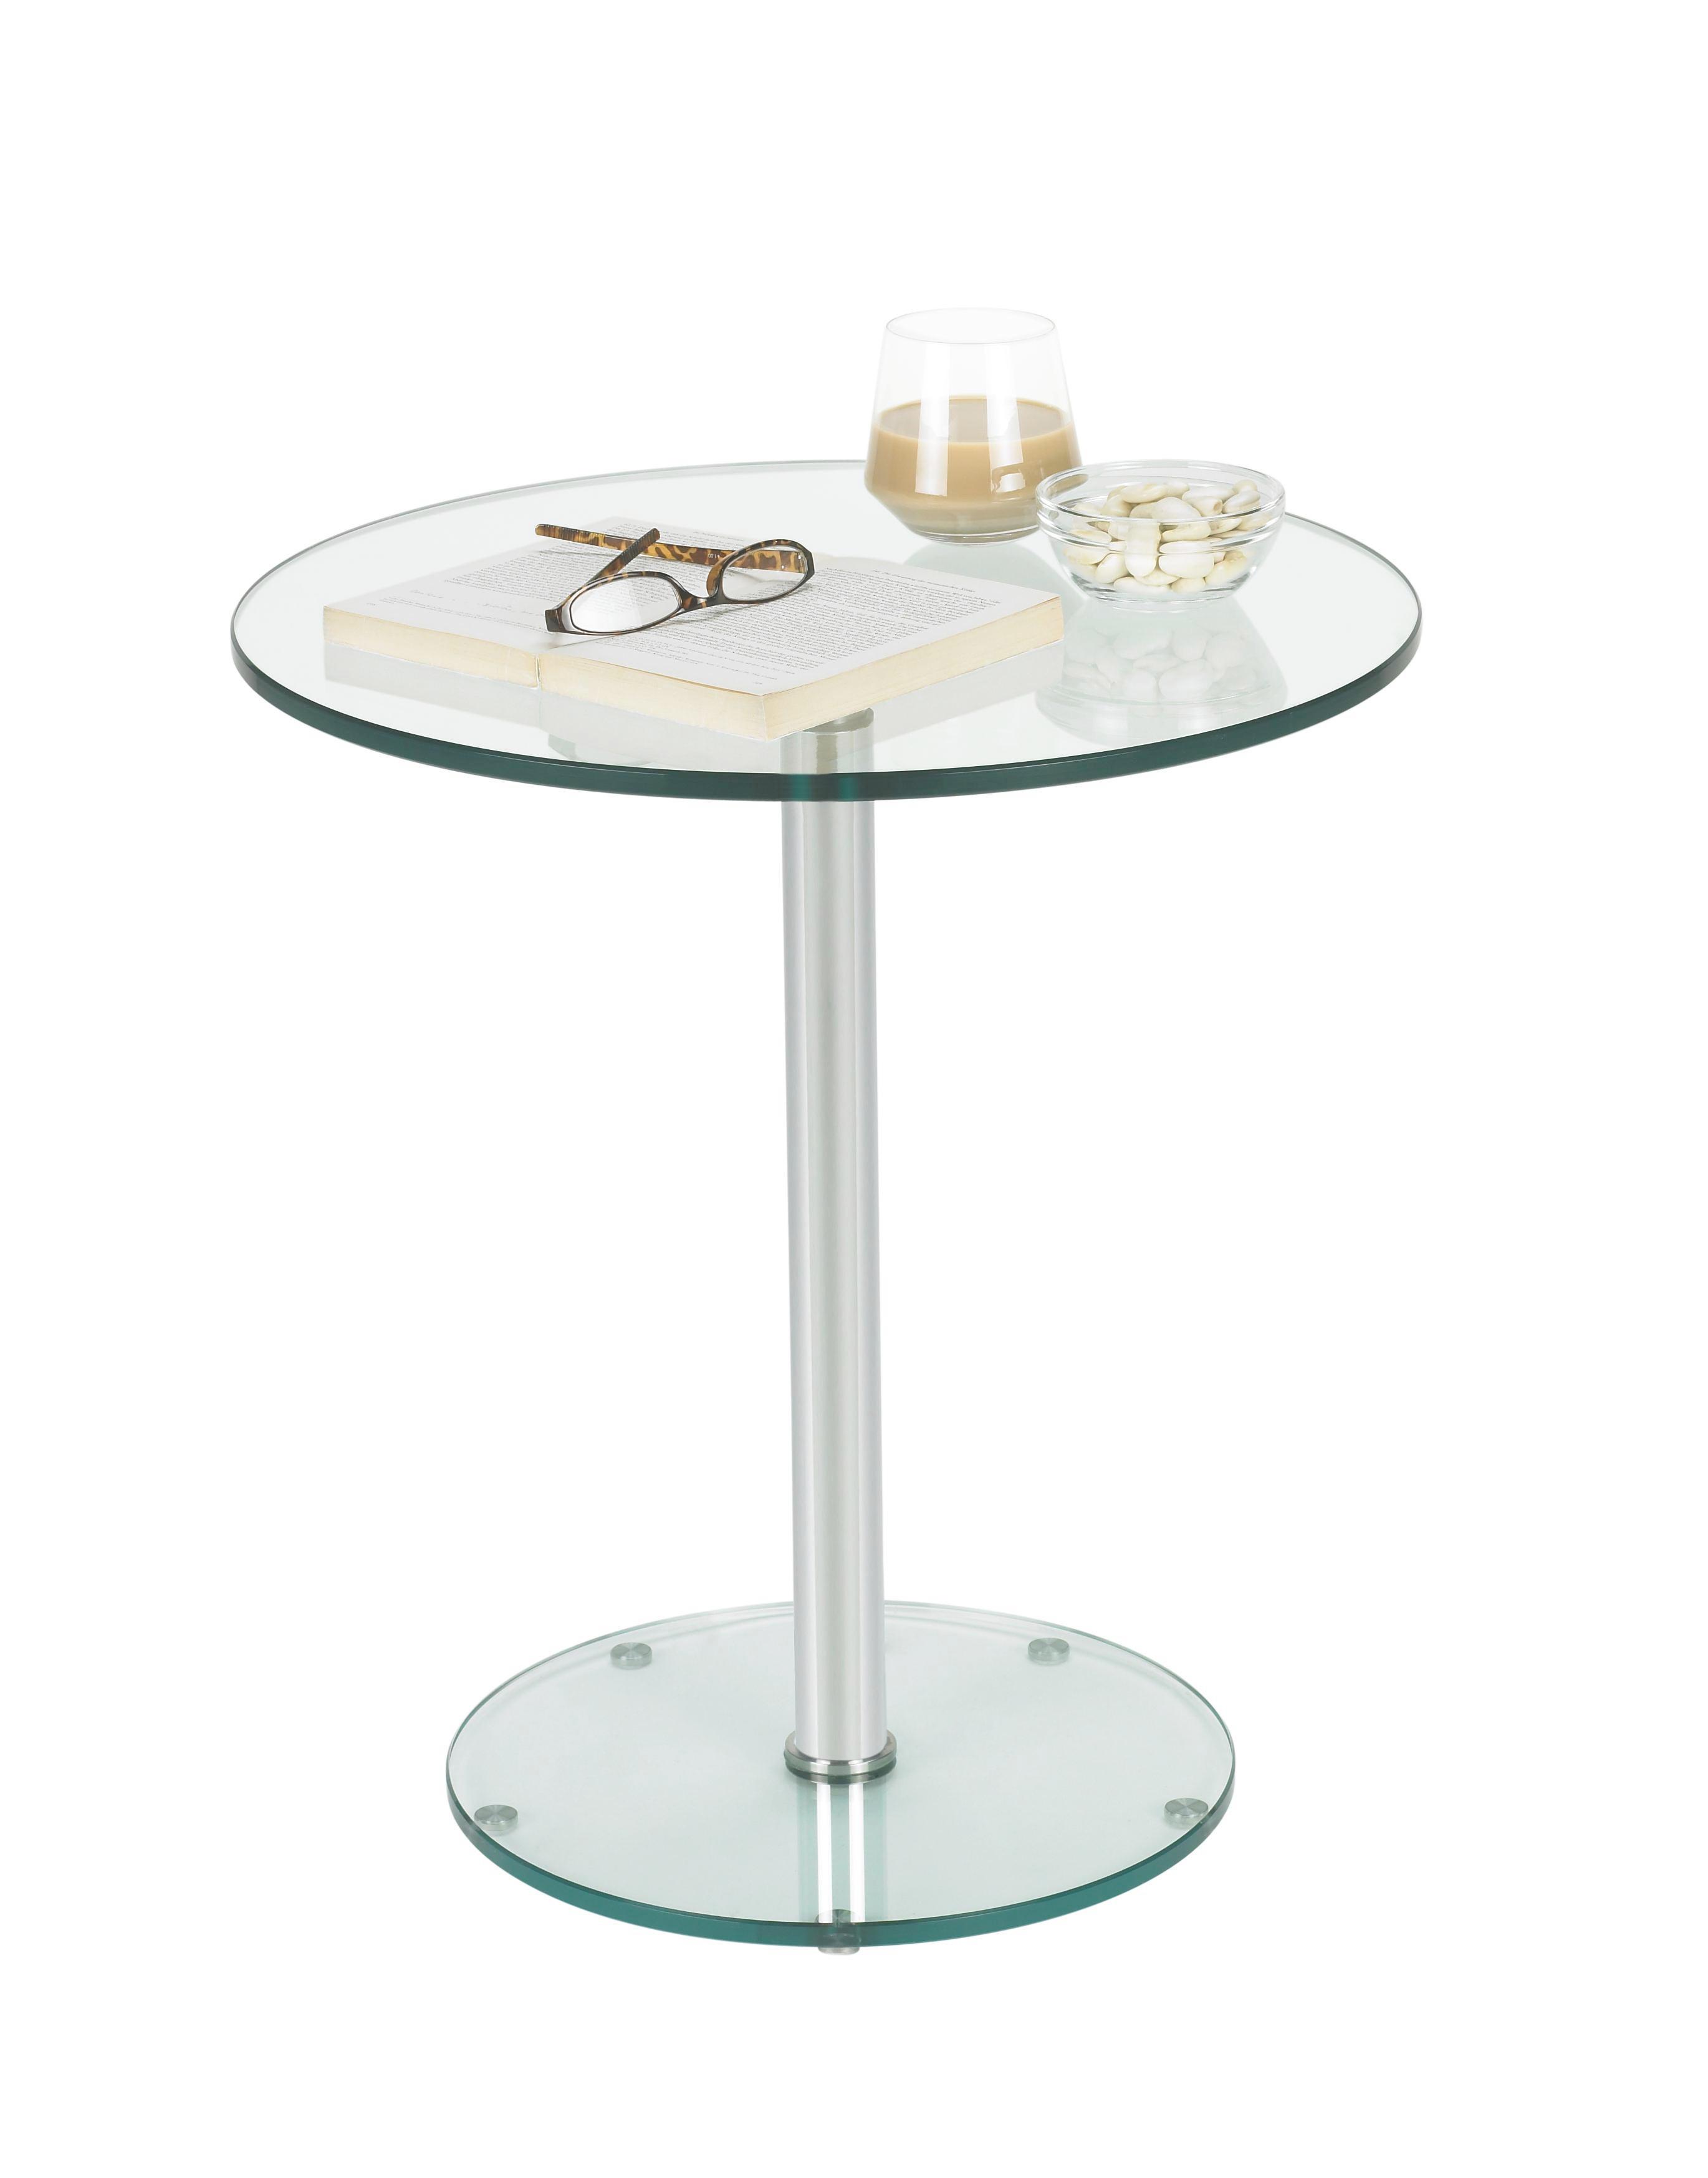 BEISTELLTISCH in Chromfarben, Klar - Chromfarben/Klar, Design, Glas/Metall (50/50-70cm)